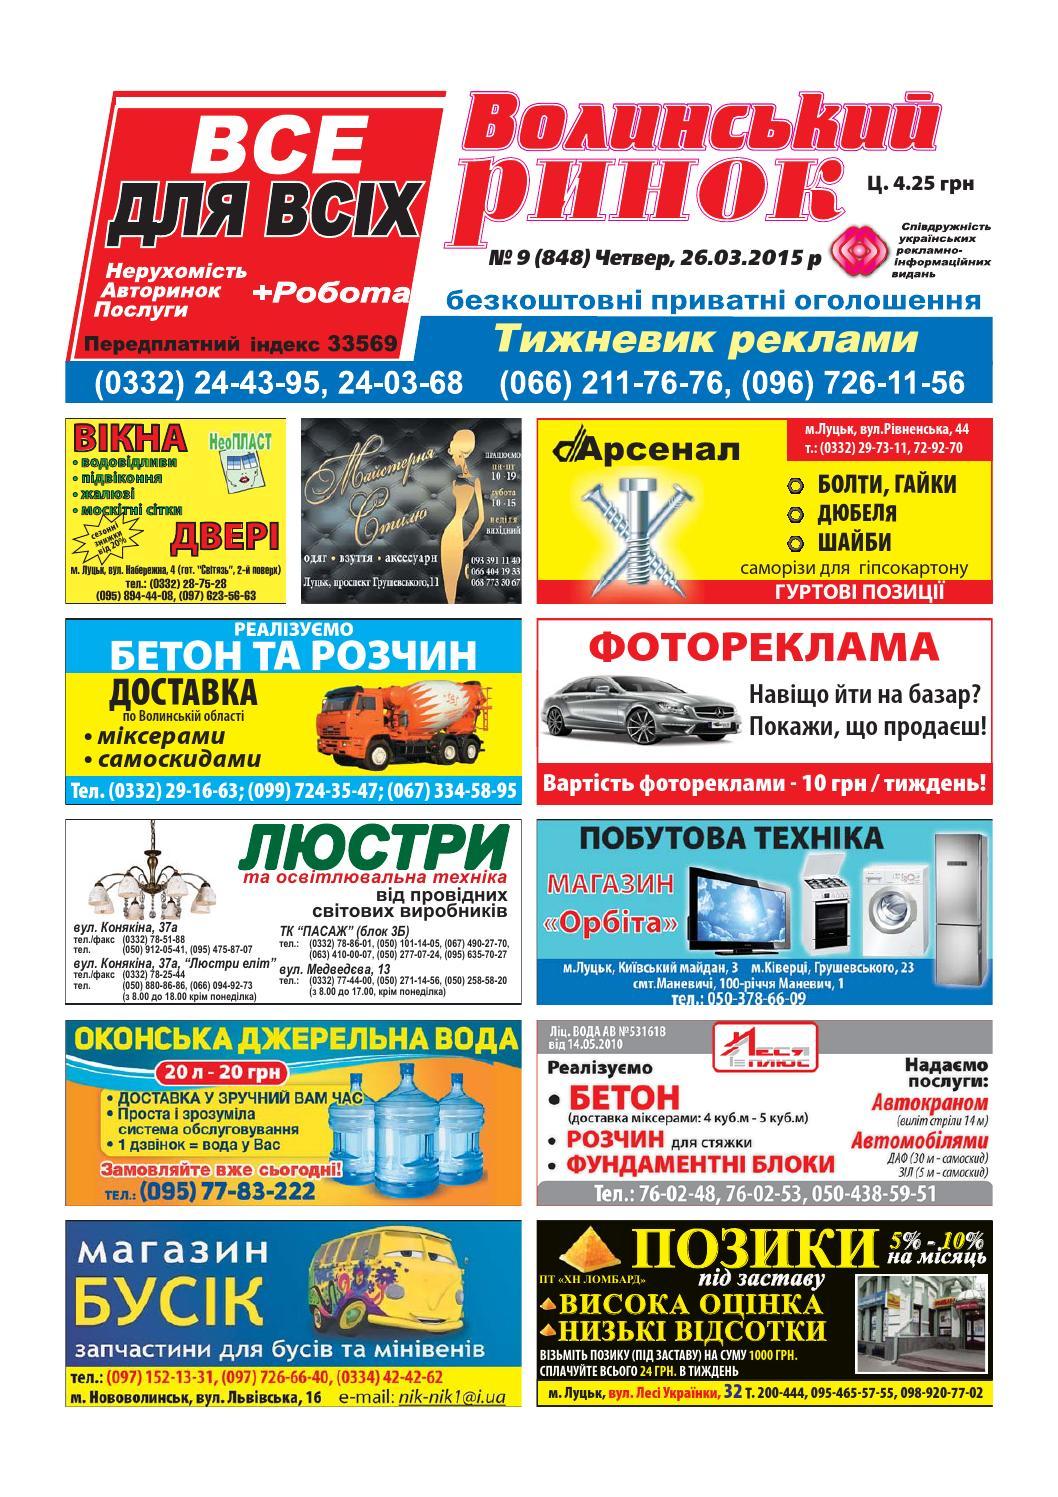 www.acskidd.qov.ua ,бланк заявки на реєстрацию